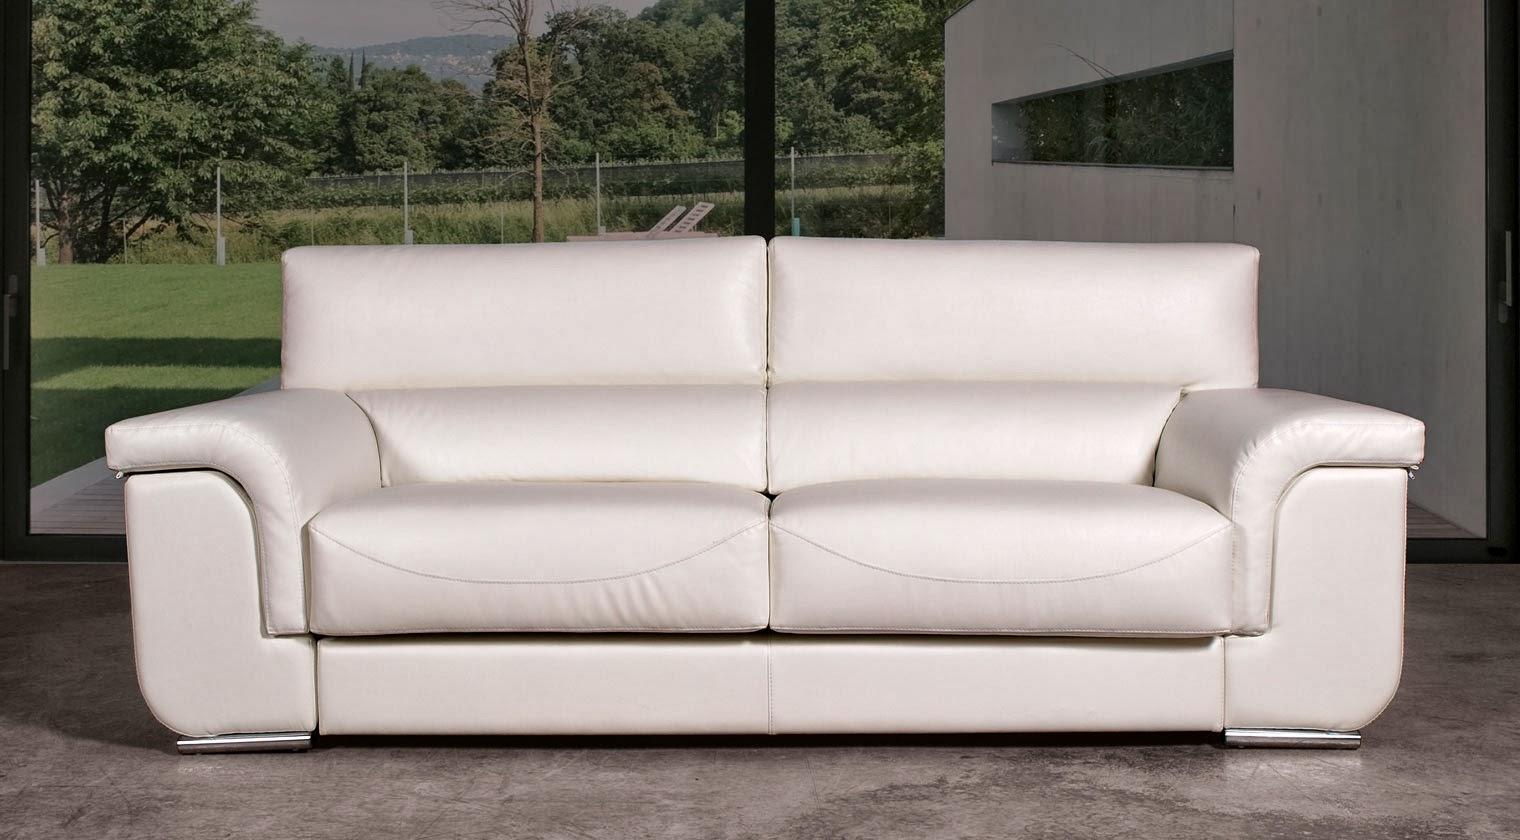 Tipos de tapicerias de tela en los sofas la tienda del sofa - Tapiceria para sofas ...